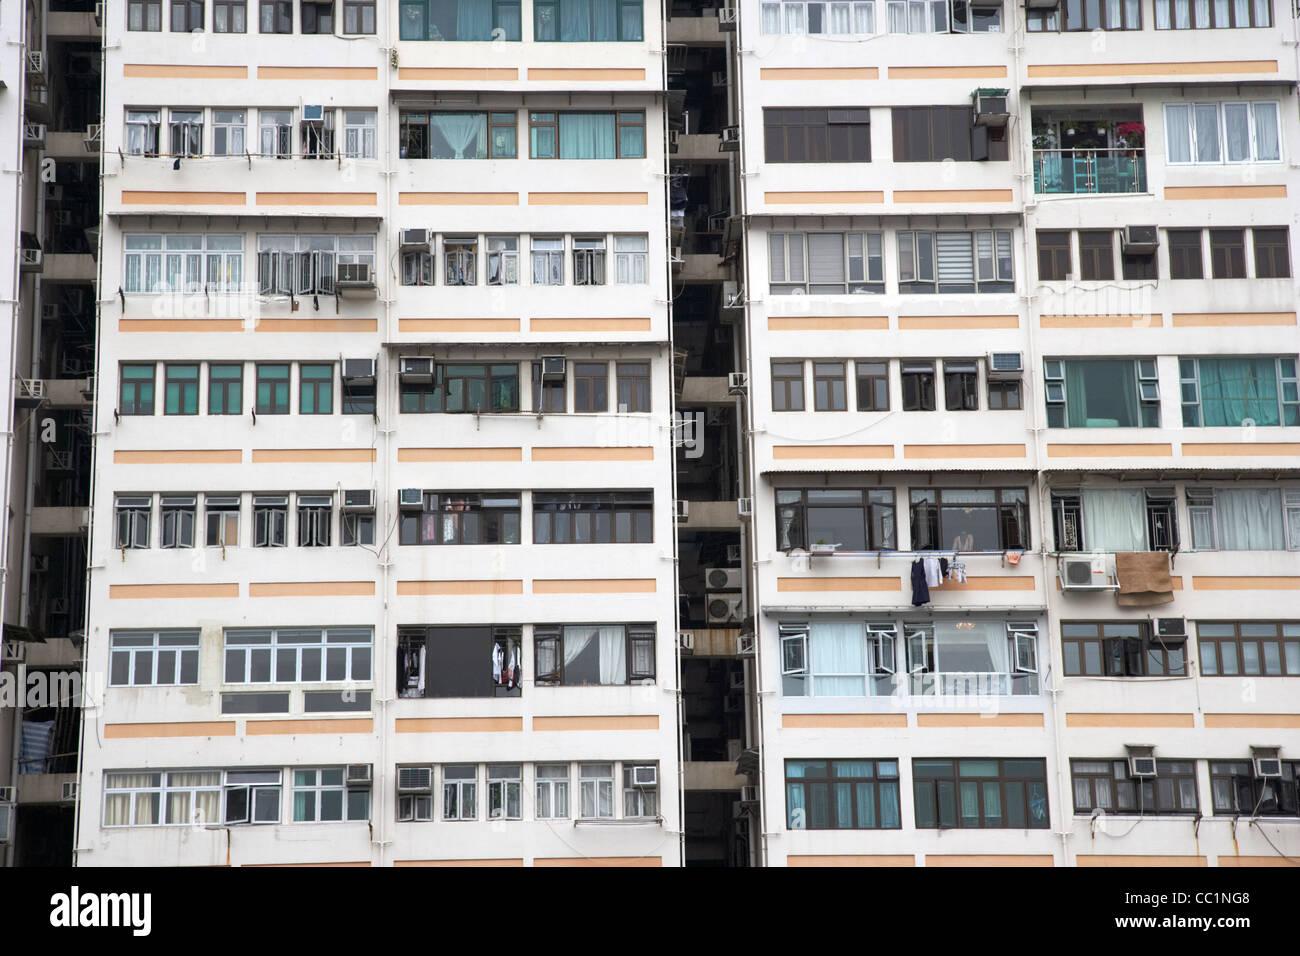 dense closely packed apartments in hong kong hksar china asia - Stock Image